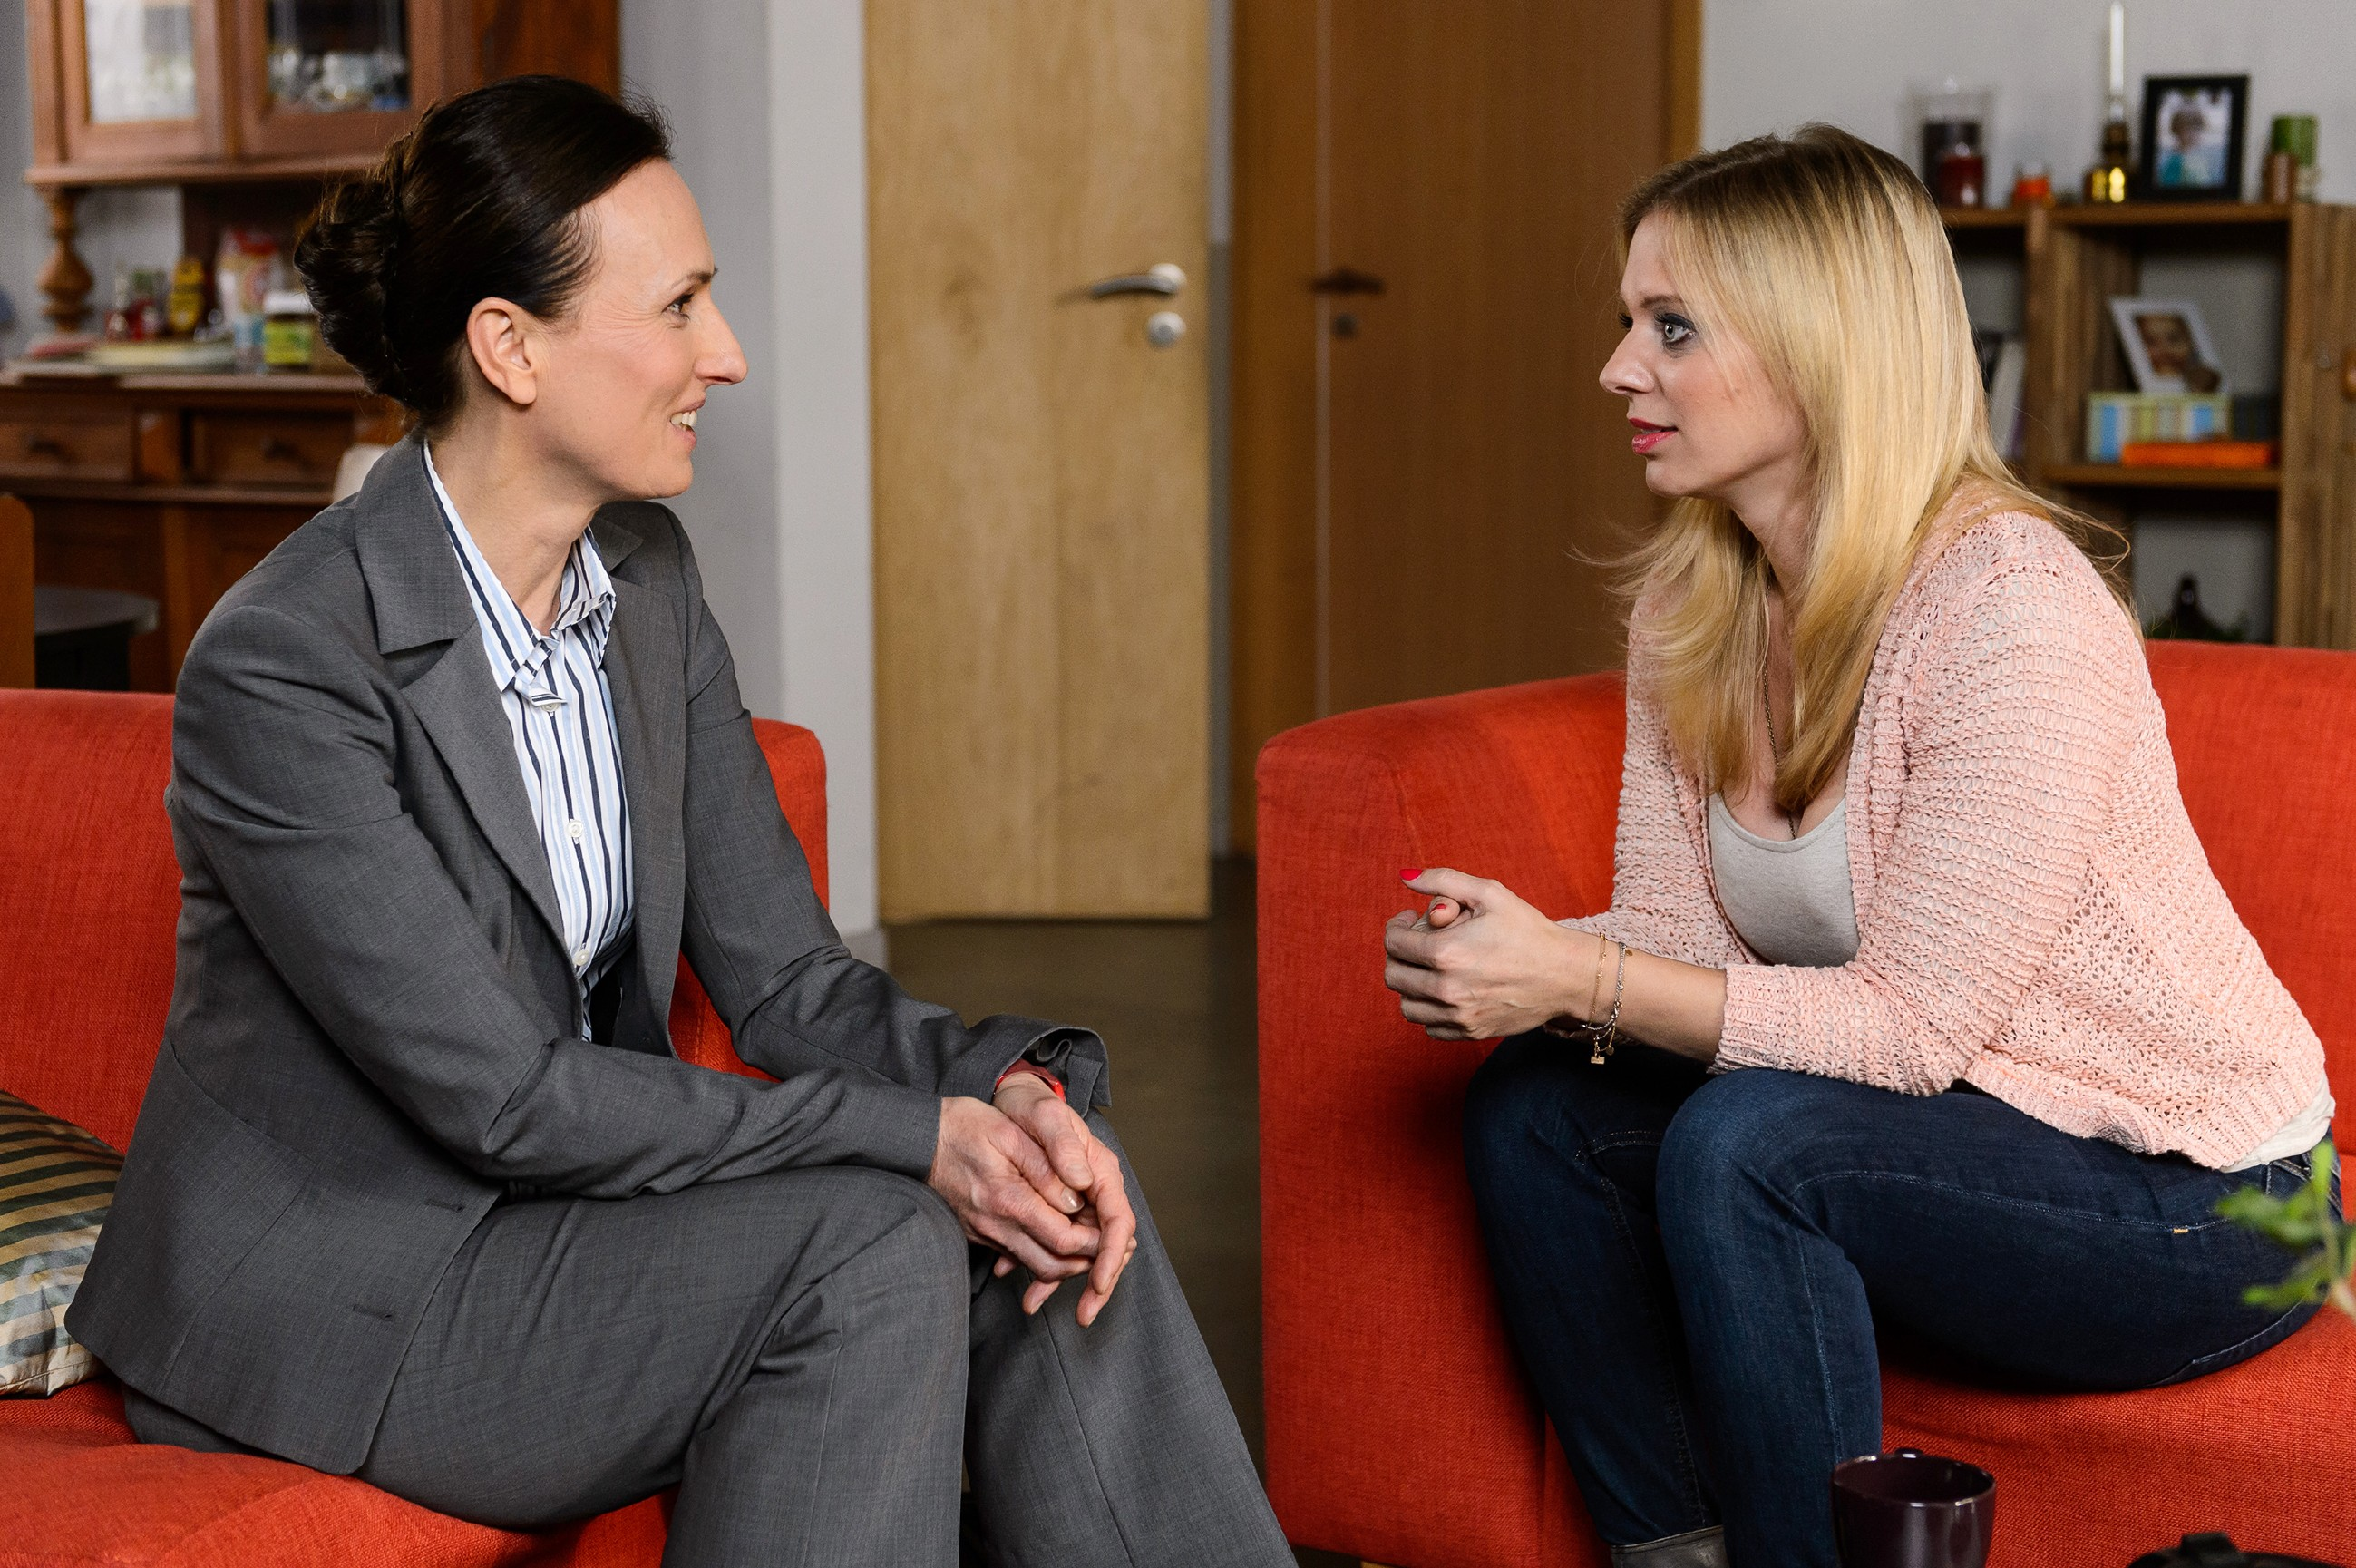 Lena (Juliette Greco, r.) beschließt beim Gespräch mit der Jugendamts-Mitarbeiterin Beate Elsner (Julia Wolff), wieder zu Marian zu ziehen - auch, um Alexander seine vertraute Umgebung und Geborgenheit bieten zu können. (Quelle: RTL / Willi Weber)